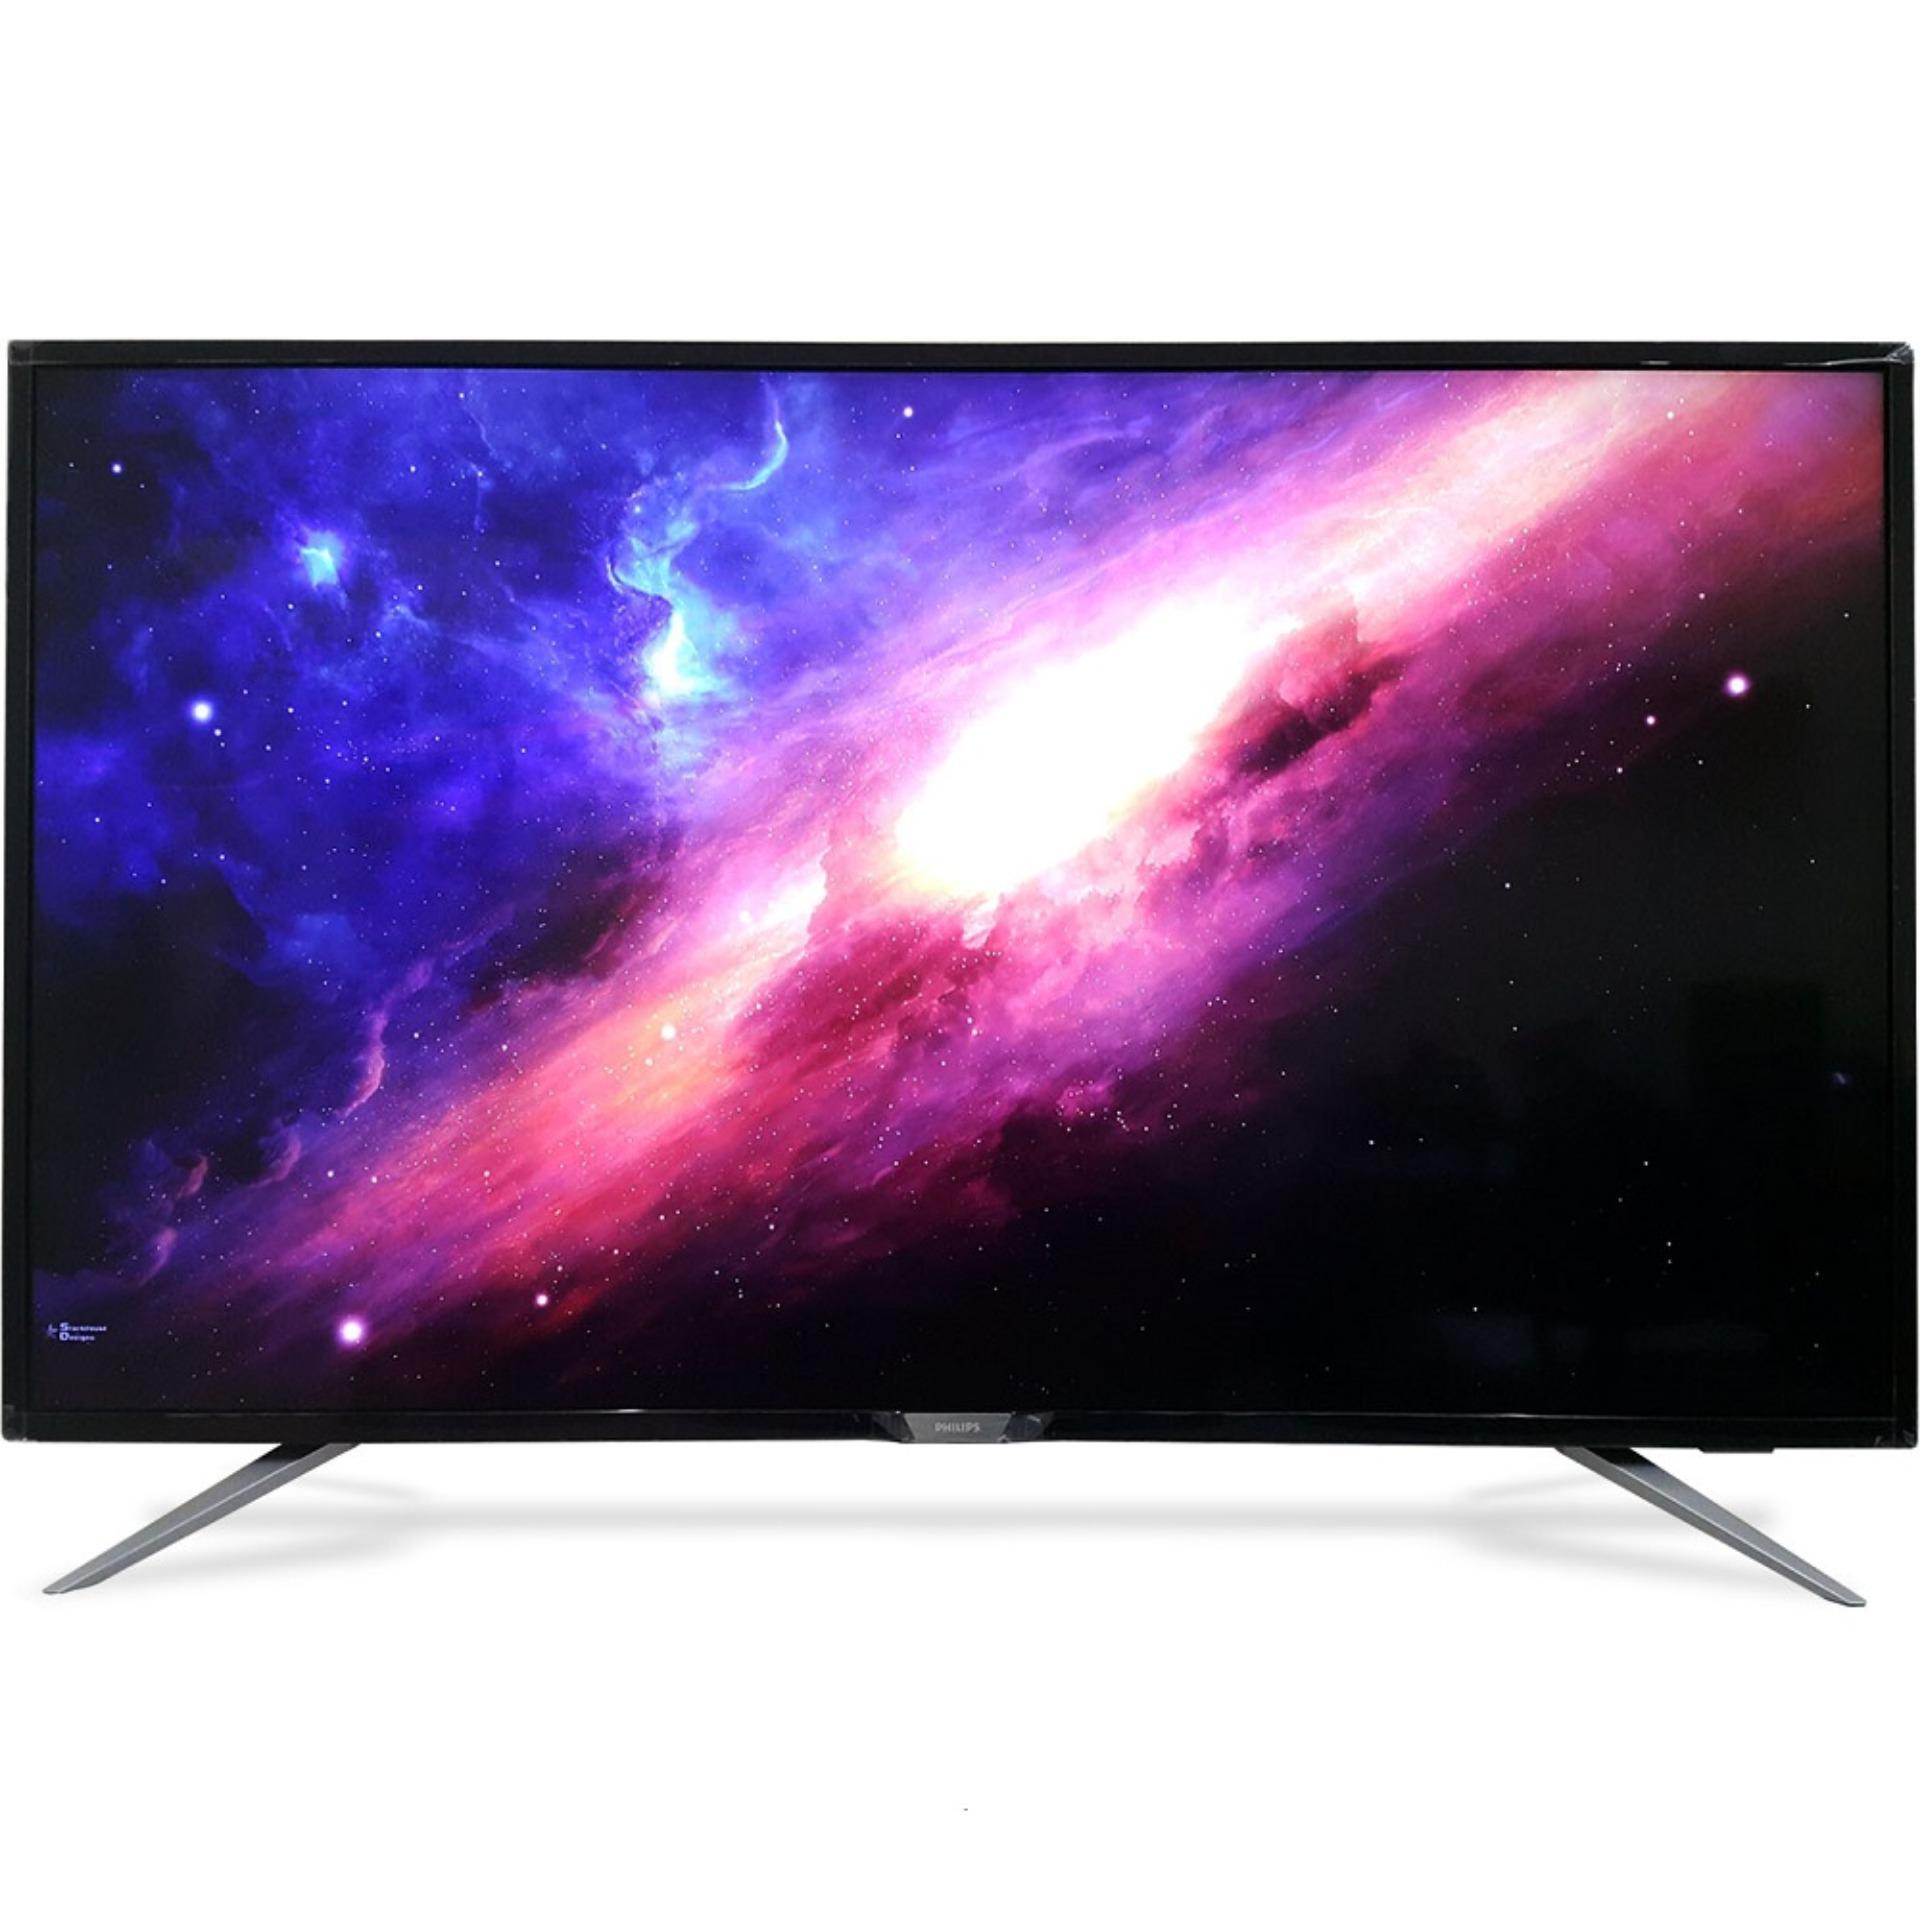 Smart TV Philips 43inch 4K Ultra HD - Model 43PUT6002S/67 (Đen) - Hãng phân phối chính thức